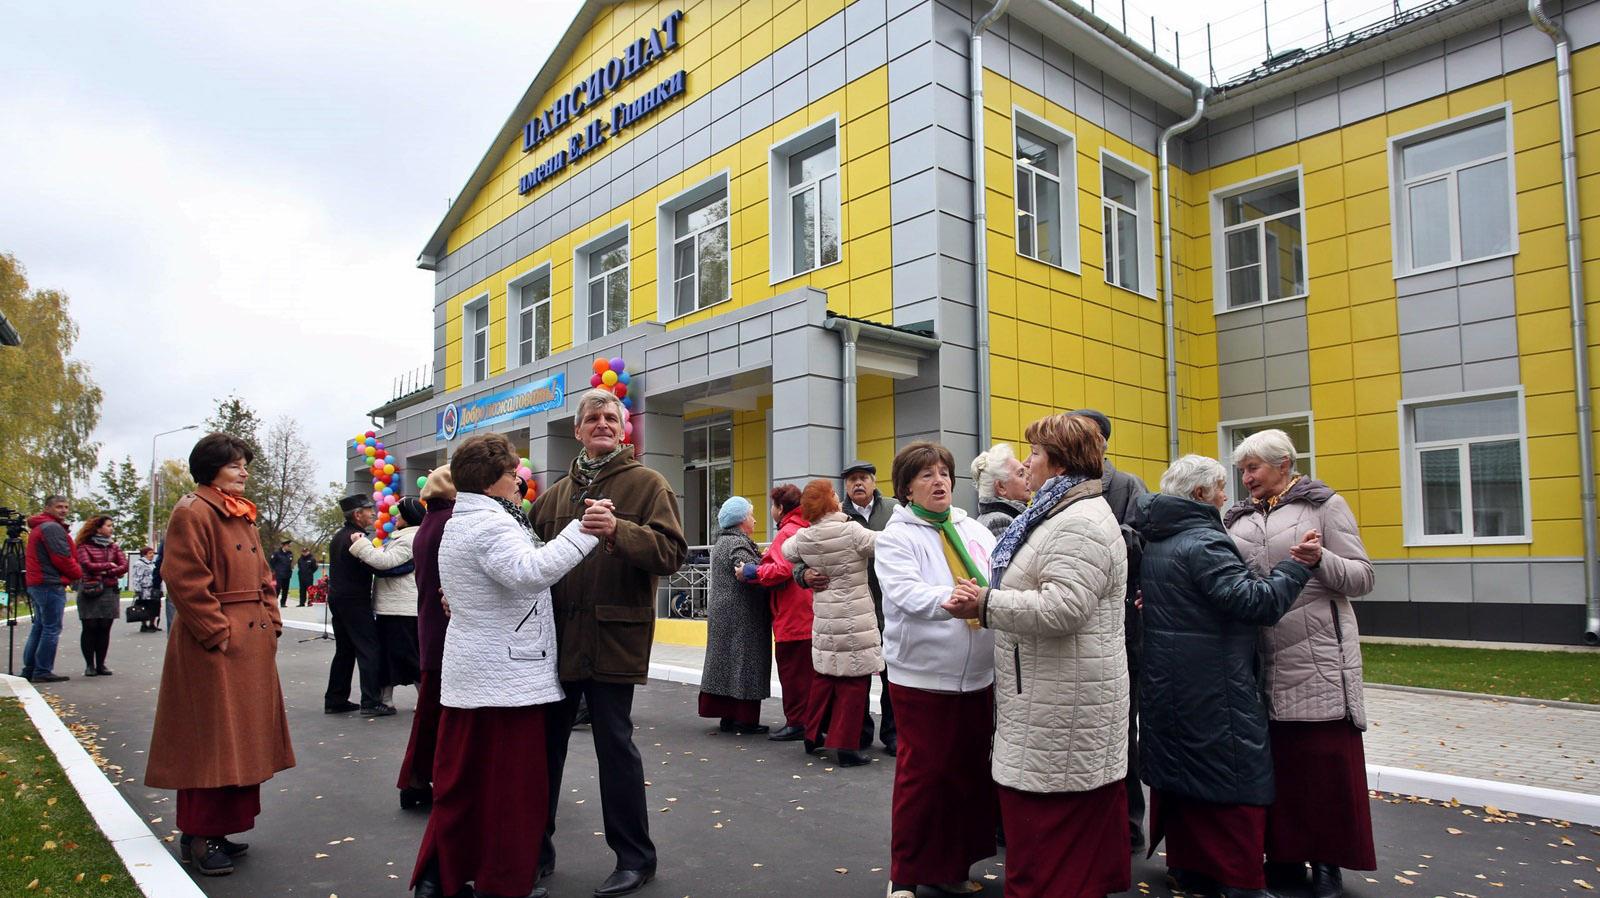 Дома и пансионаты для престарелых во владимирской области мероприятия для пожилых в доме культуры